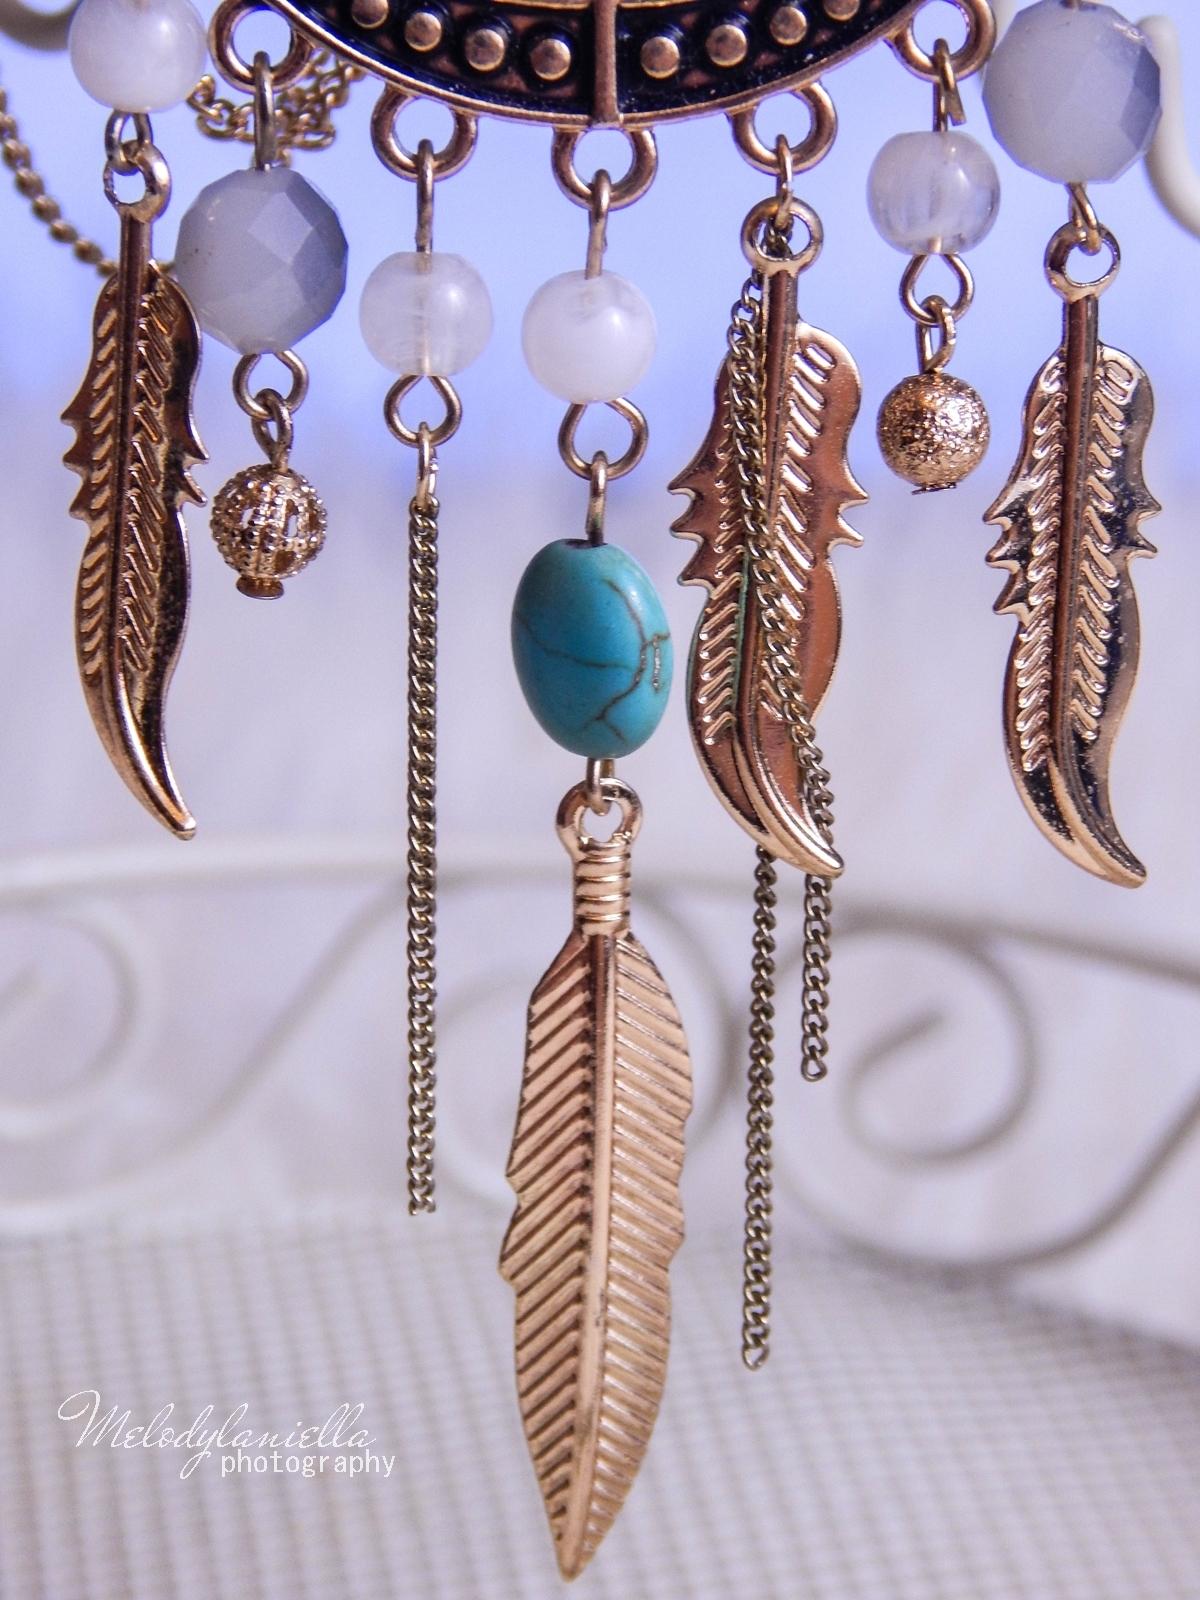 11 Biżuteria z chińskich sklepów sammydress kolczyk nausznica naszyjnik wisiorki z kryształkiem świąteczna biżuteria ciekawe dodatki stylowe zegarki pióra choker chokery złoty srebrny złoto srebro obelisk